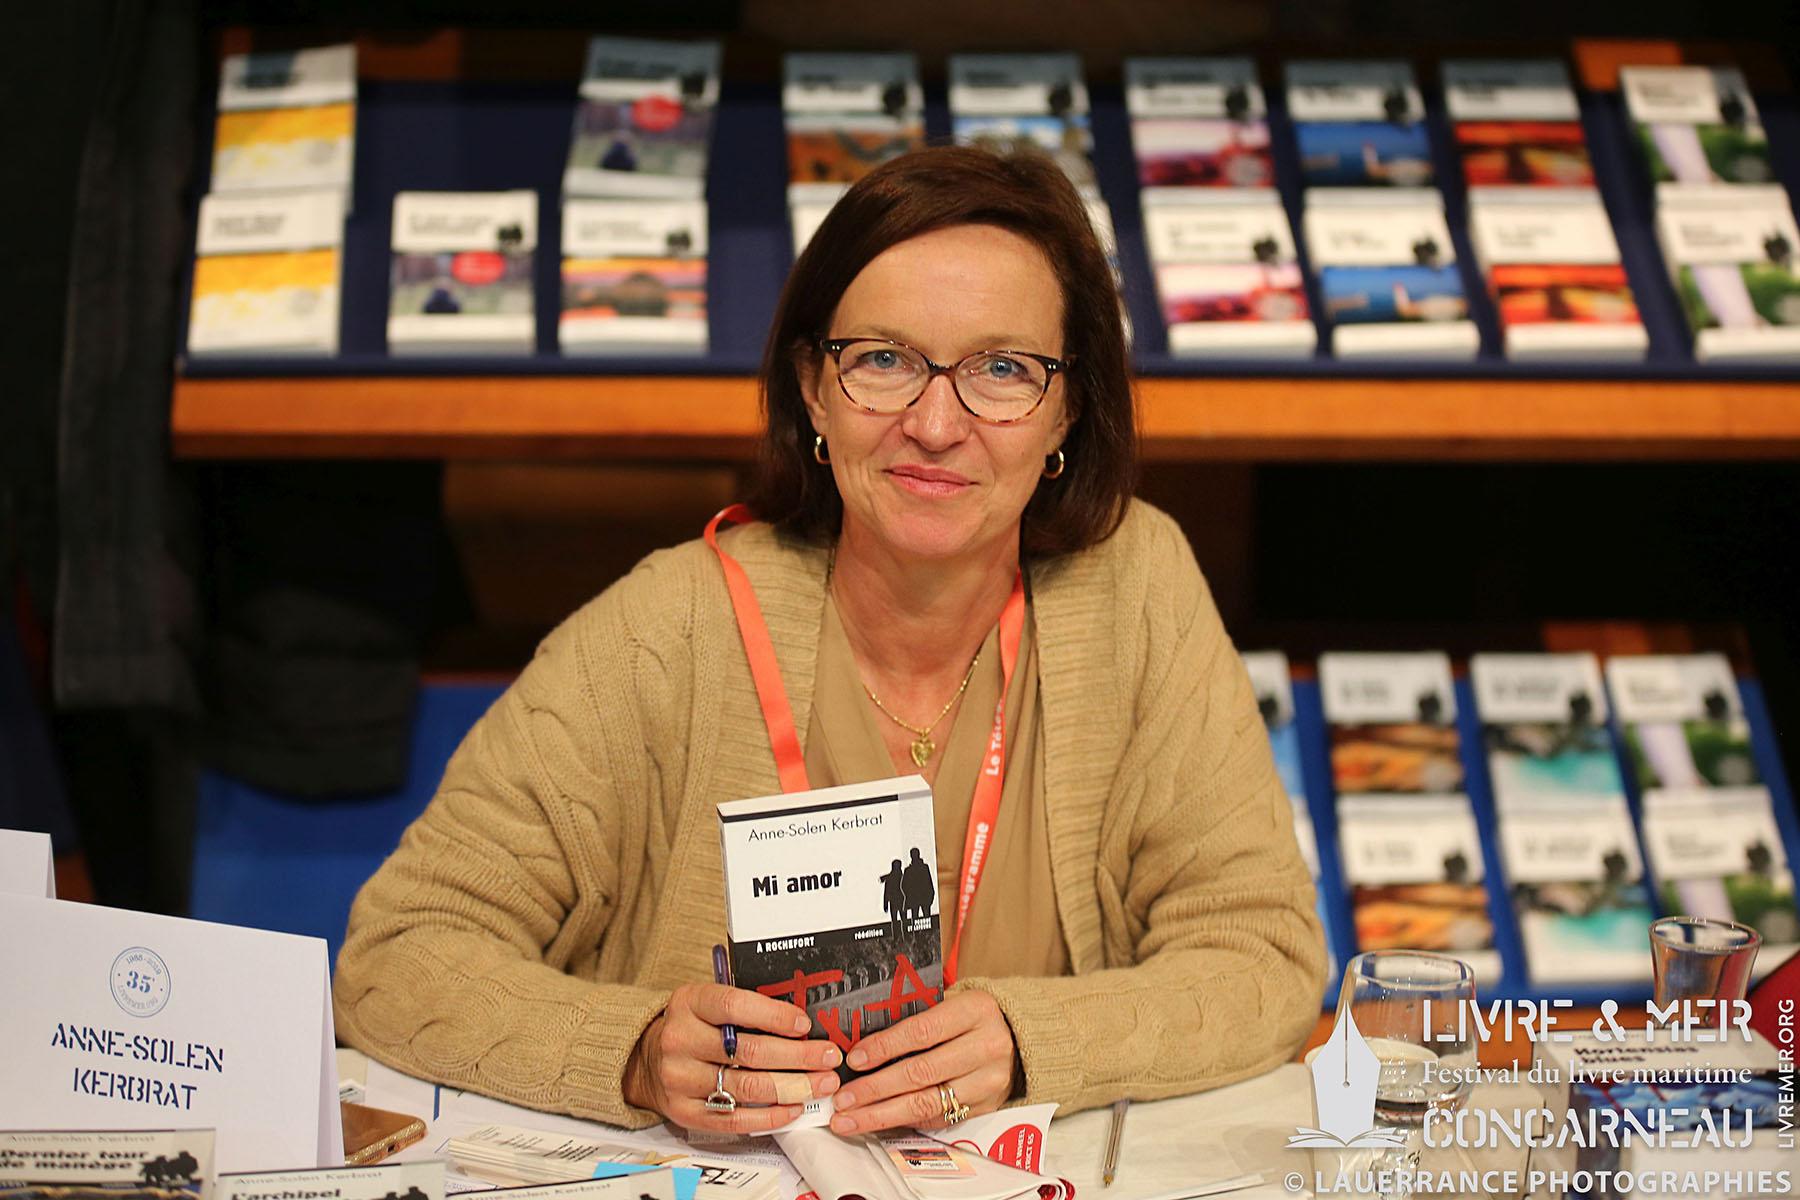 Anne-Solen Kerbrat © Lauerrance Photographies